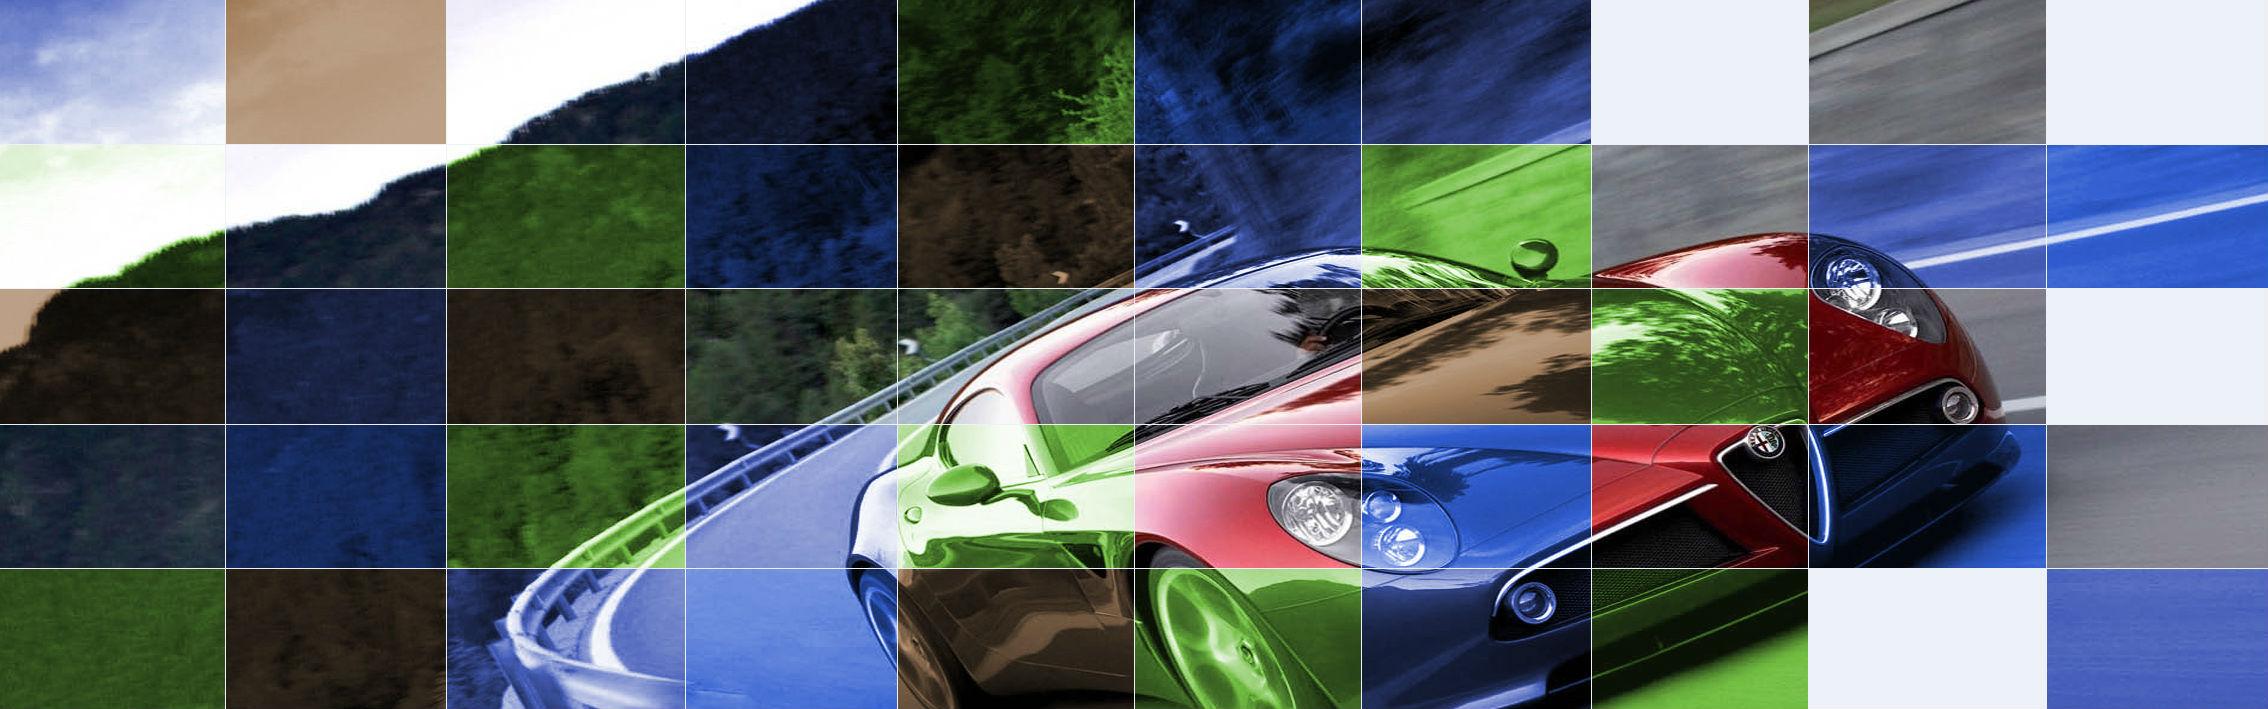 основныетипыавтомобильнойкраски